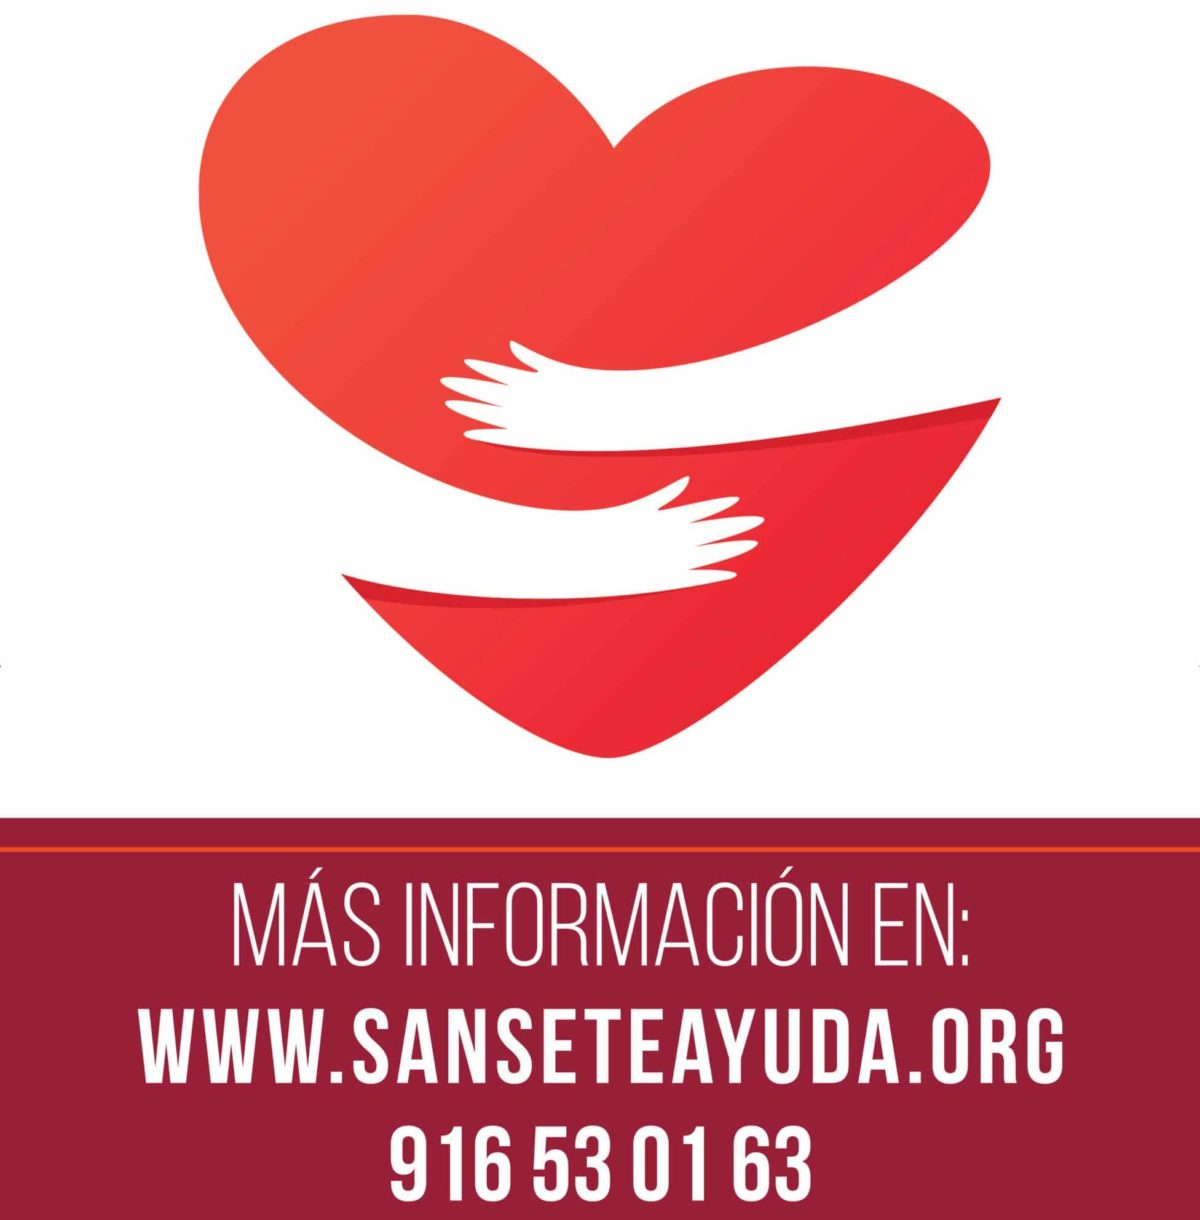 Logo de la campaña Sanse_te_ayuda